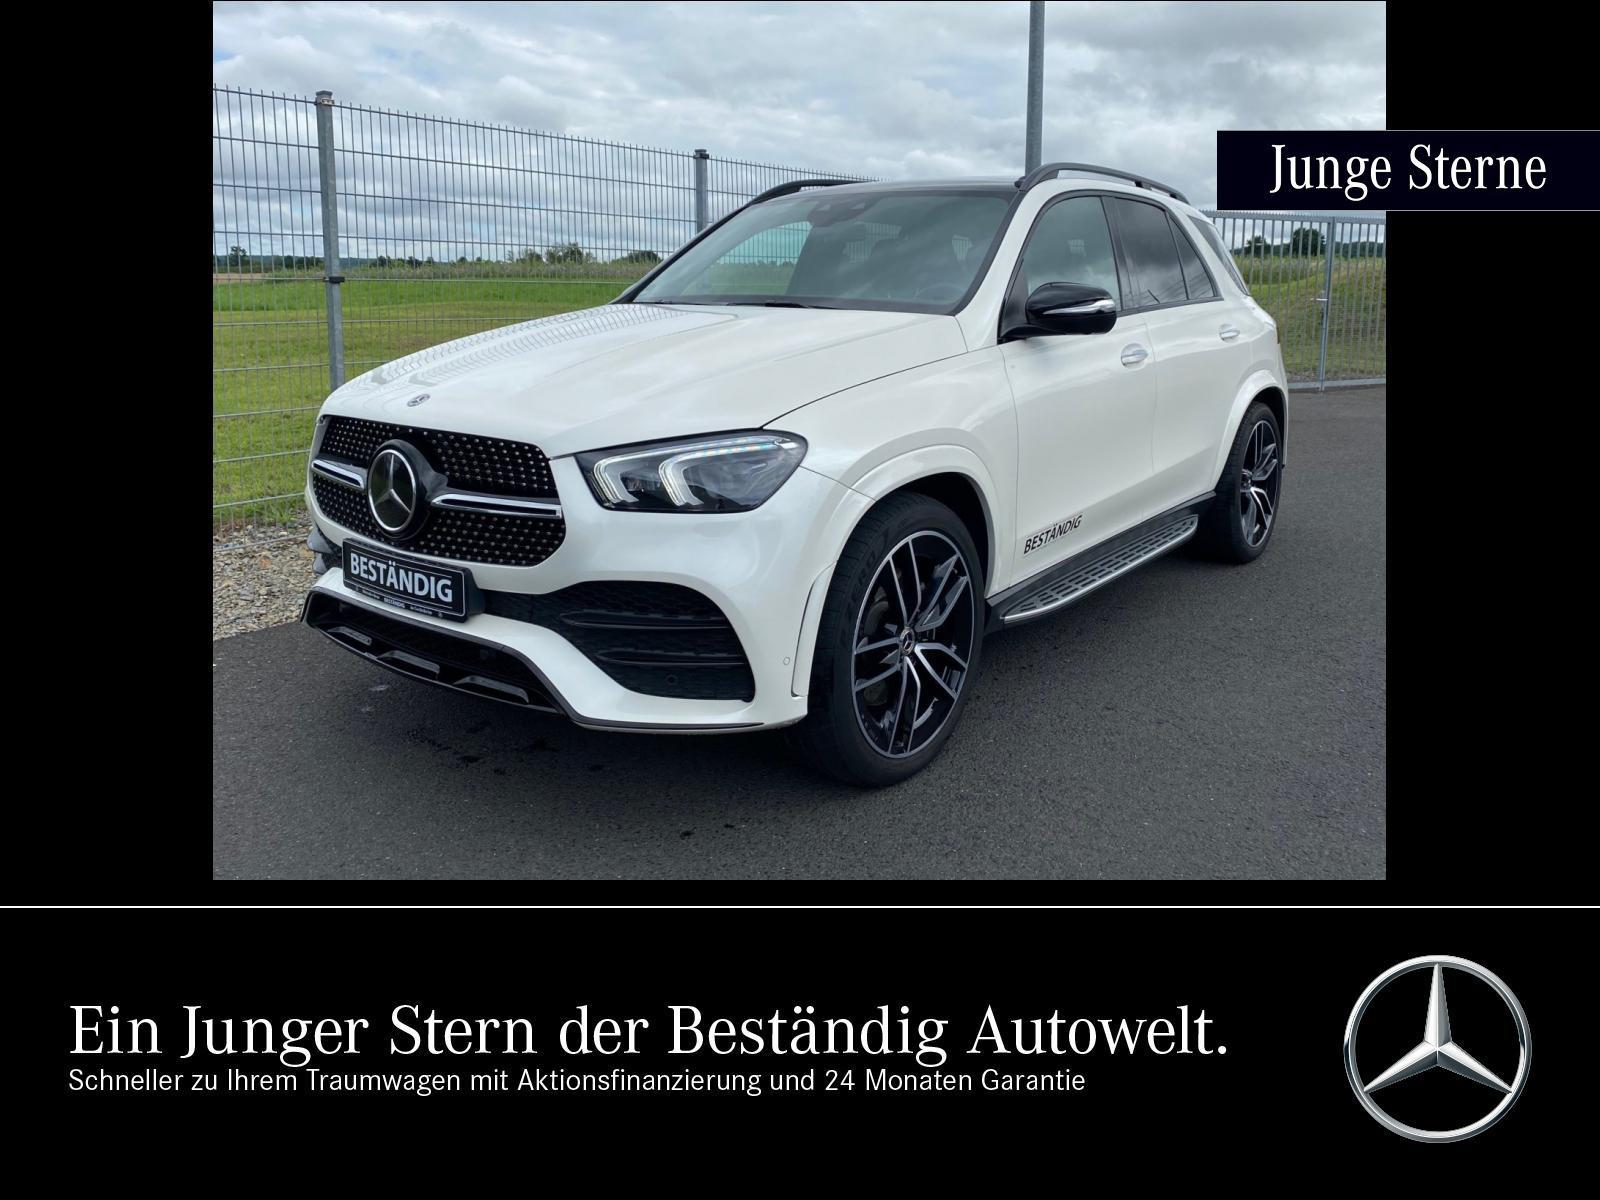 Mercedes-Benz GLE 400 d 4M AMG+WIDE+PANO+AIRMATIC+FAHRASS.+AHK, Jahr 2019, Diesel